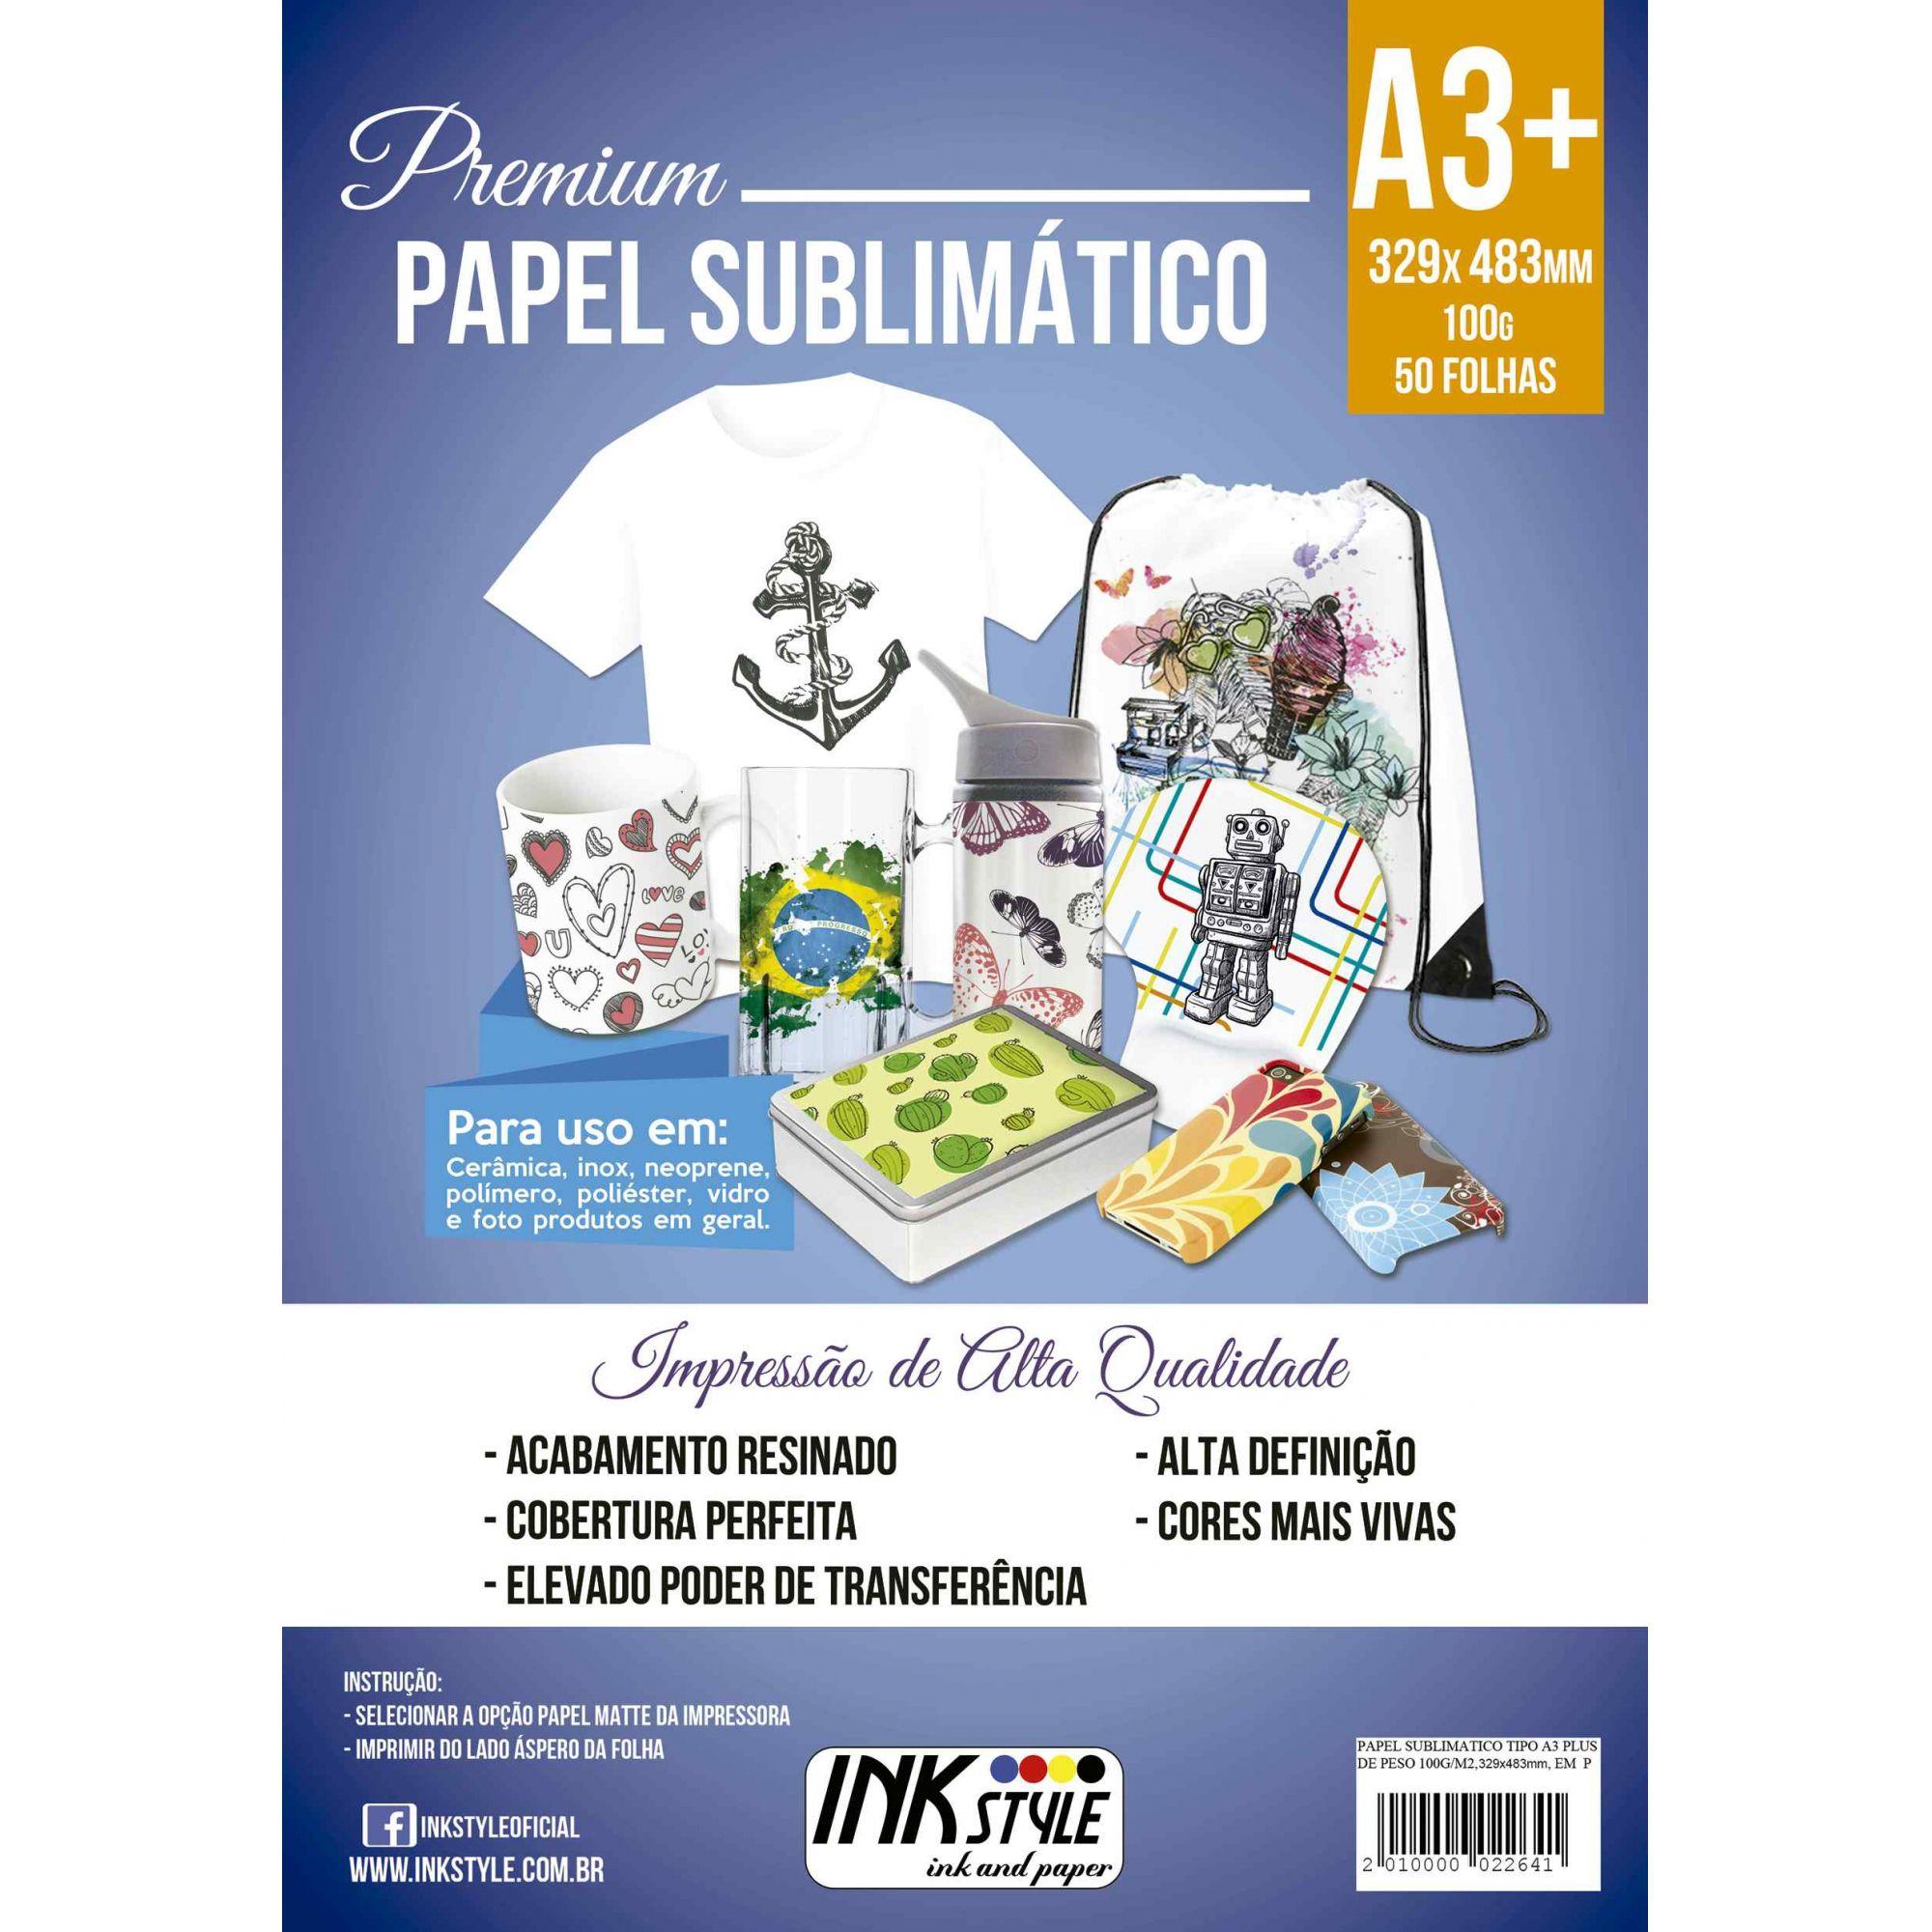 PAPEL SUBLIMÁTICO A3+